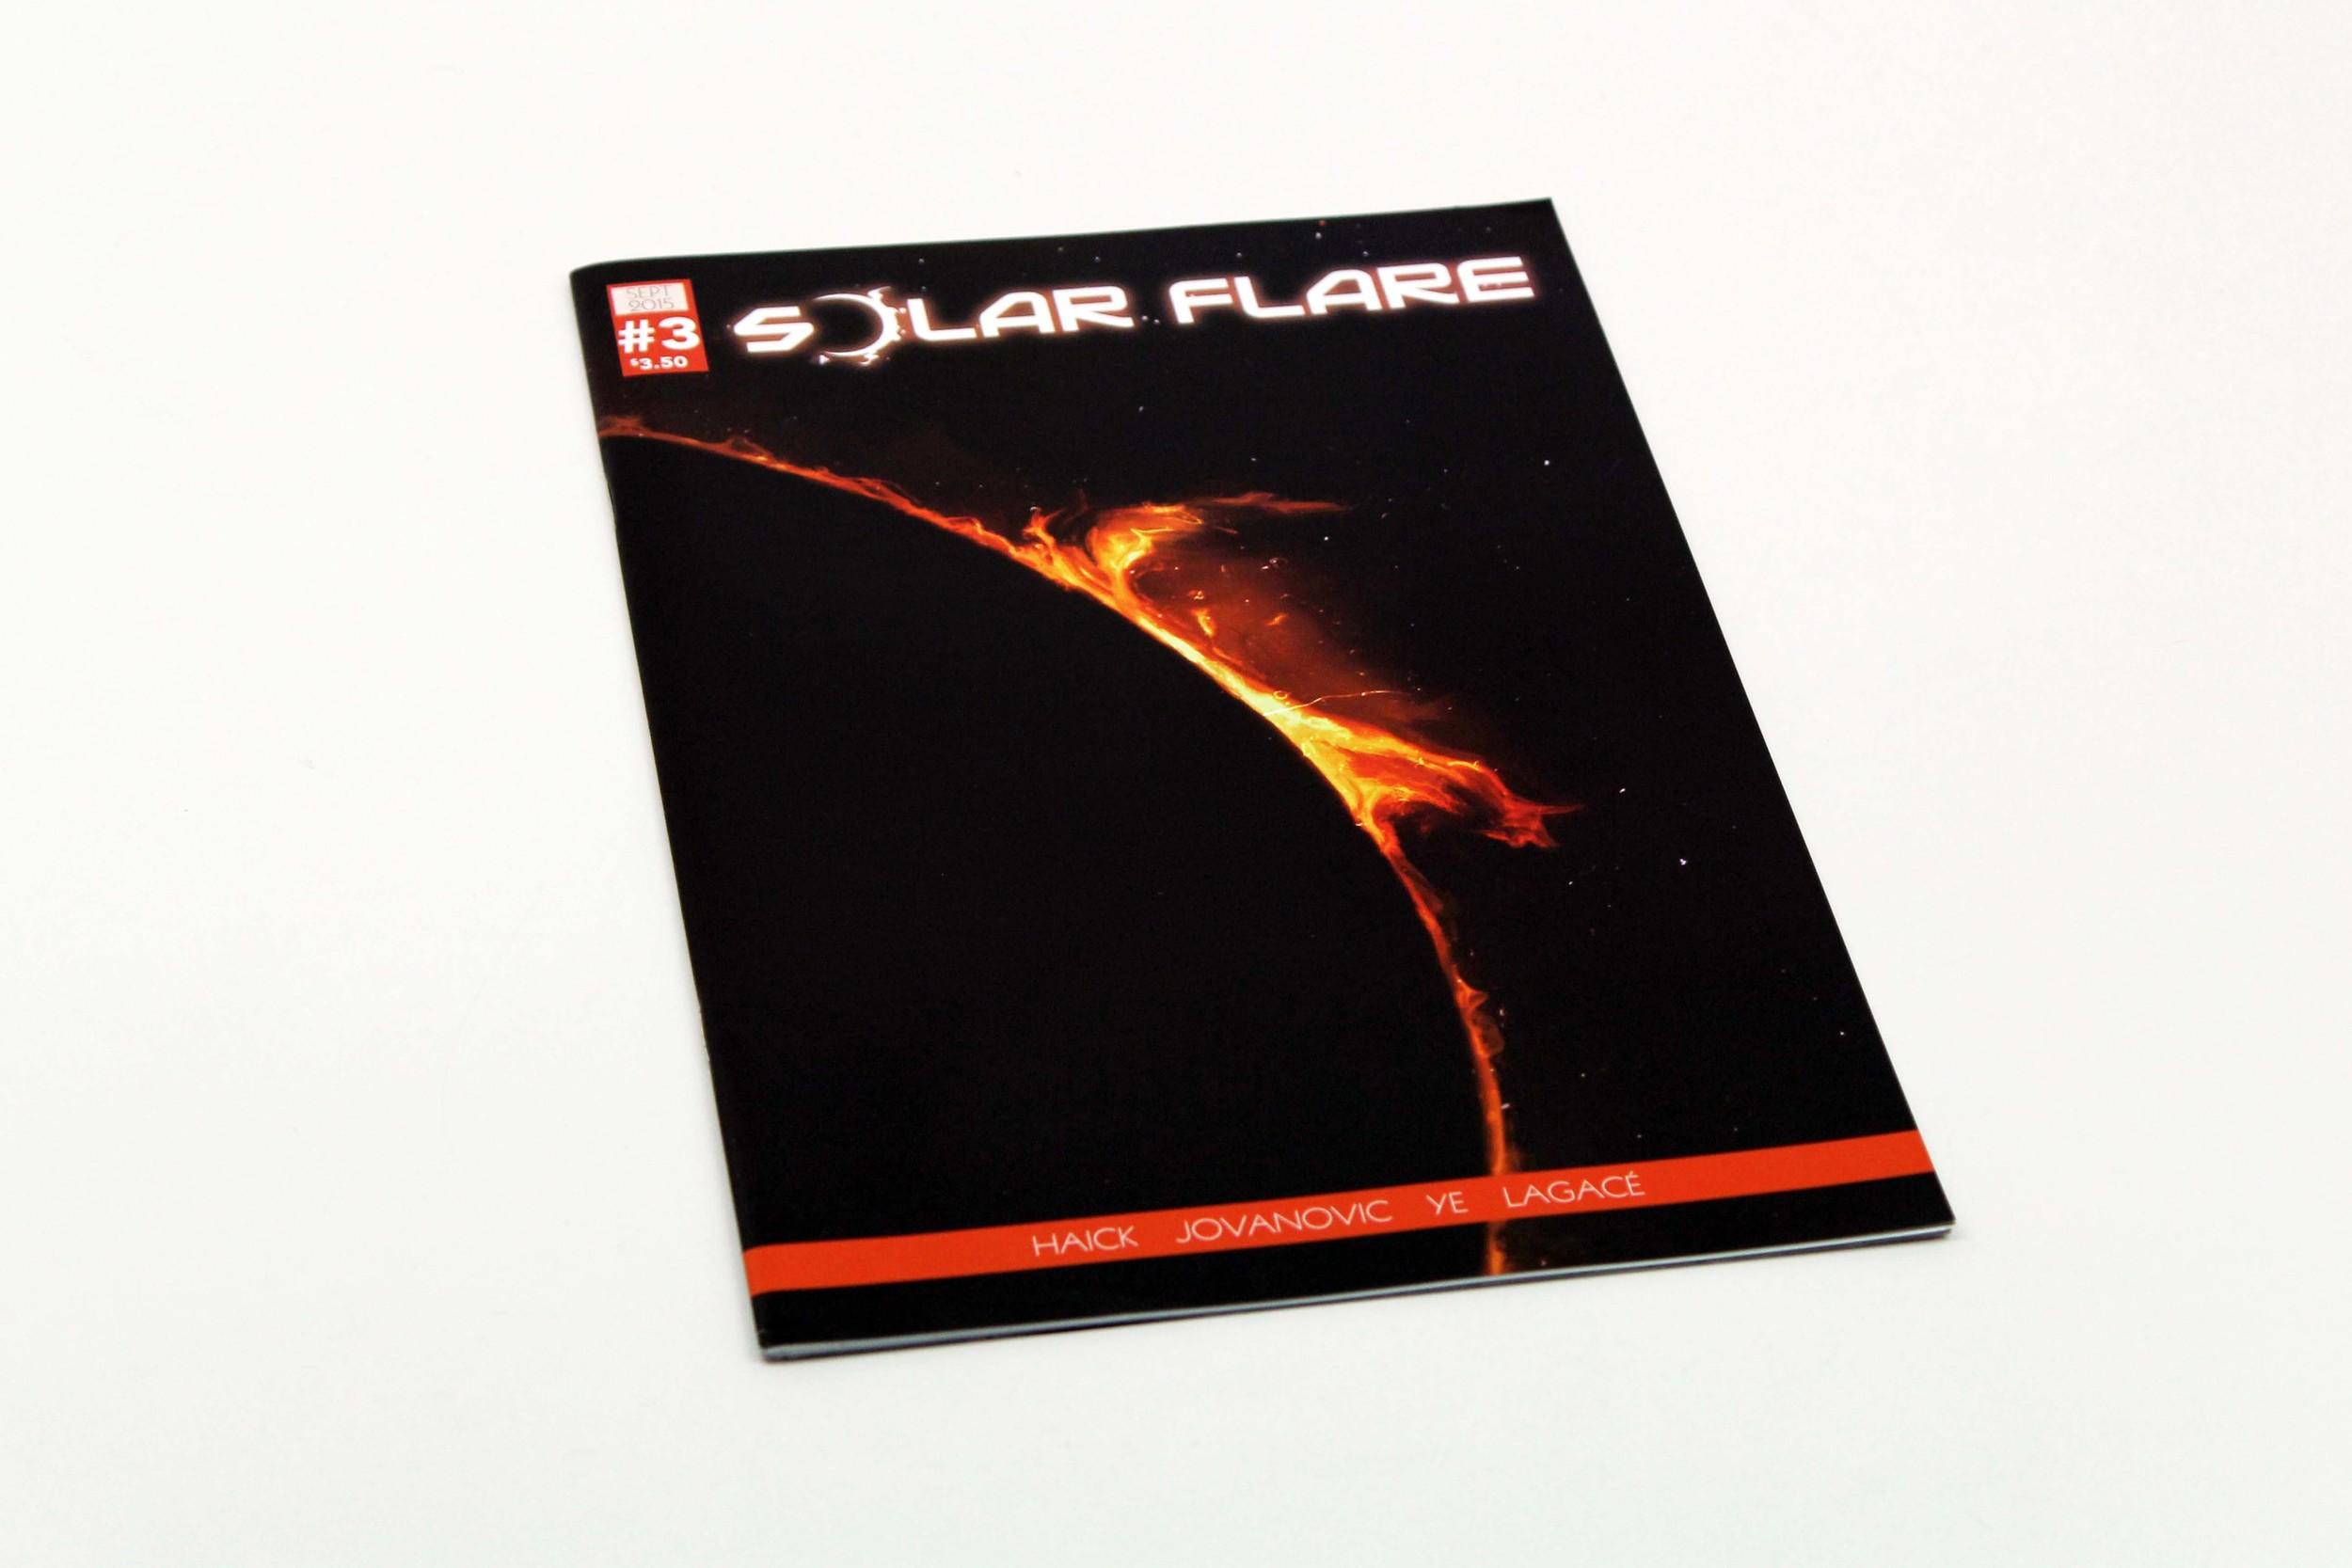 Solar Flare #3 Regular Cover Photo.jpg